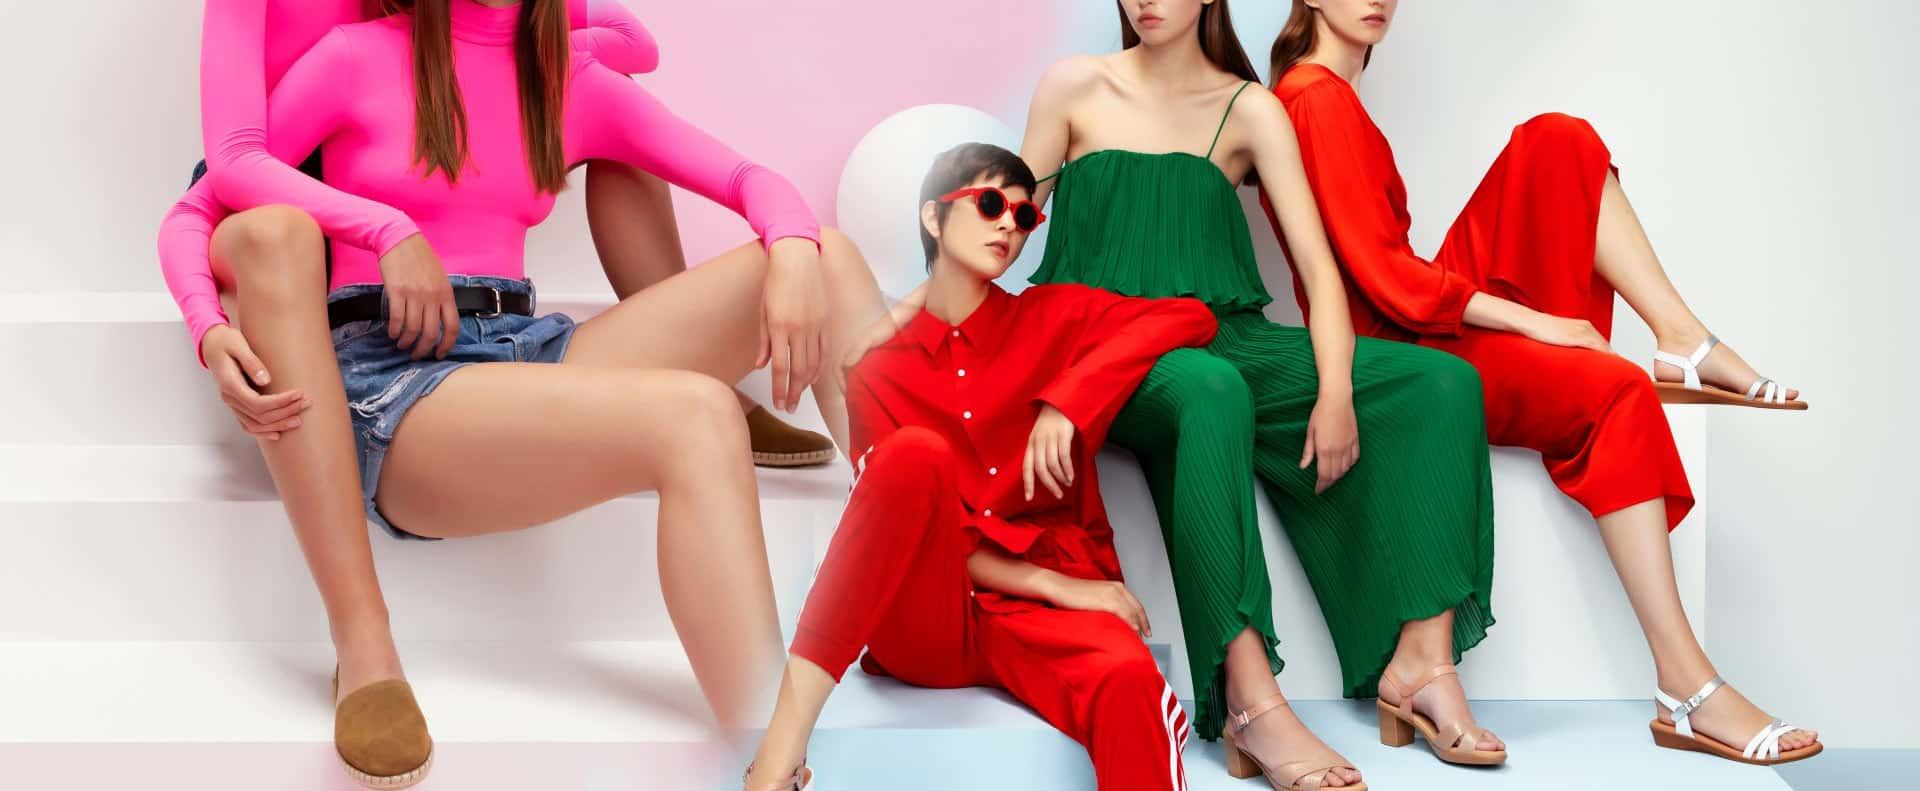 נעלי WESHOES, קמפיין אביב-קיץ 2019, צילום שי יחזקאל - 3